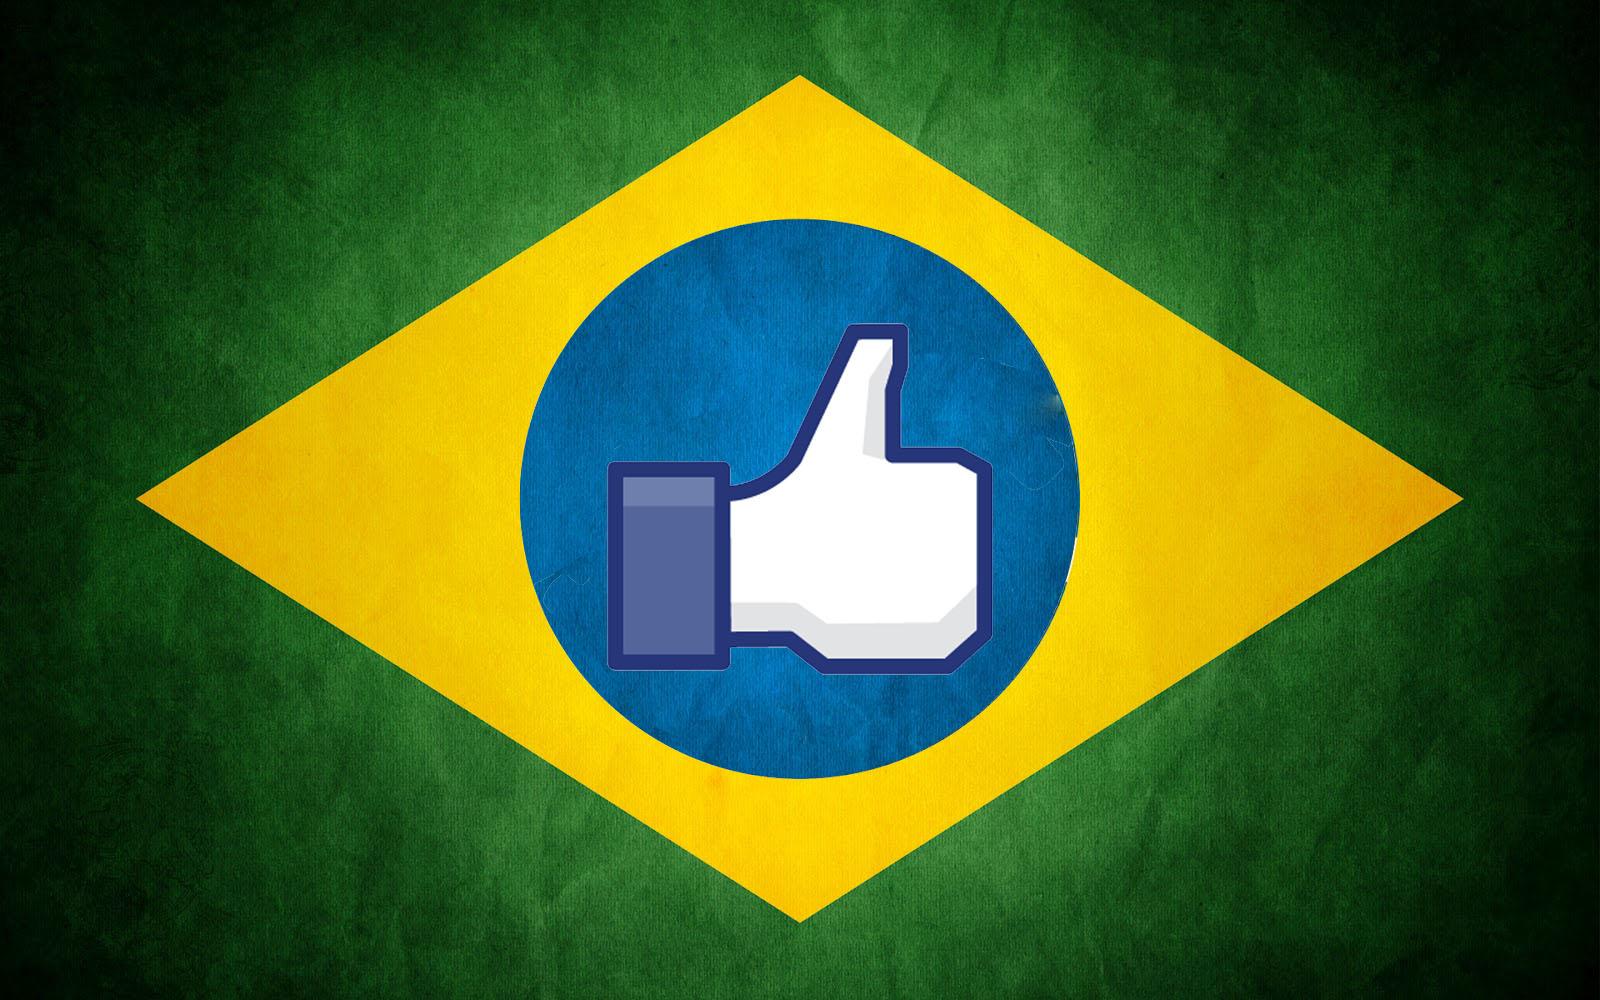 uso-internet-brasil